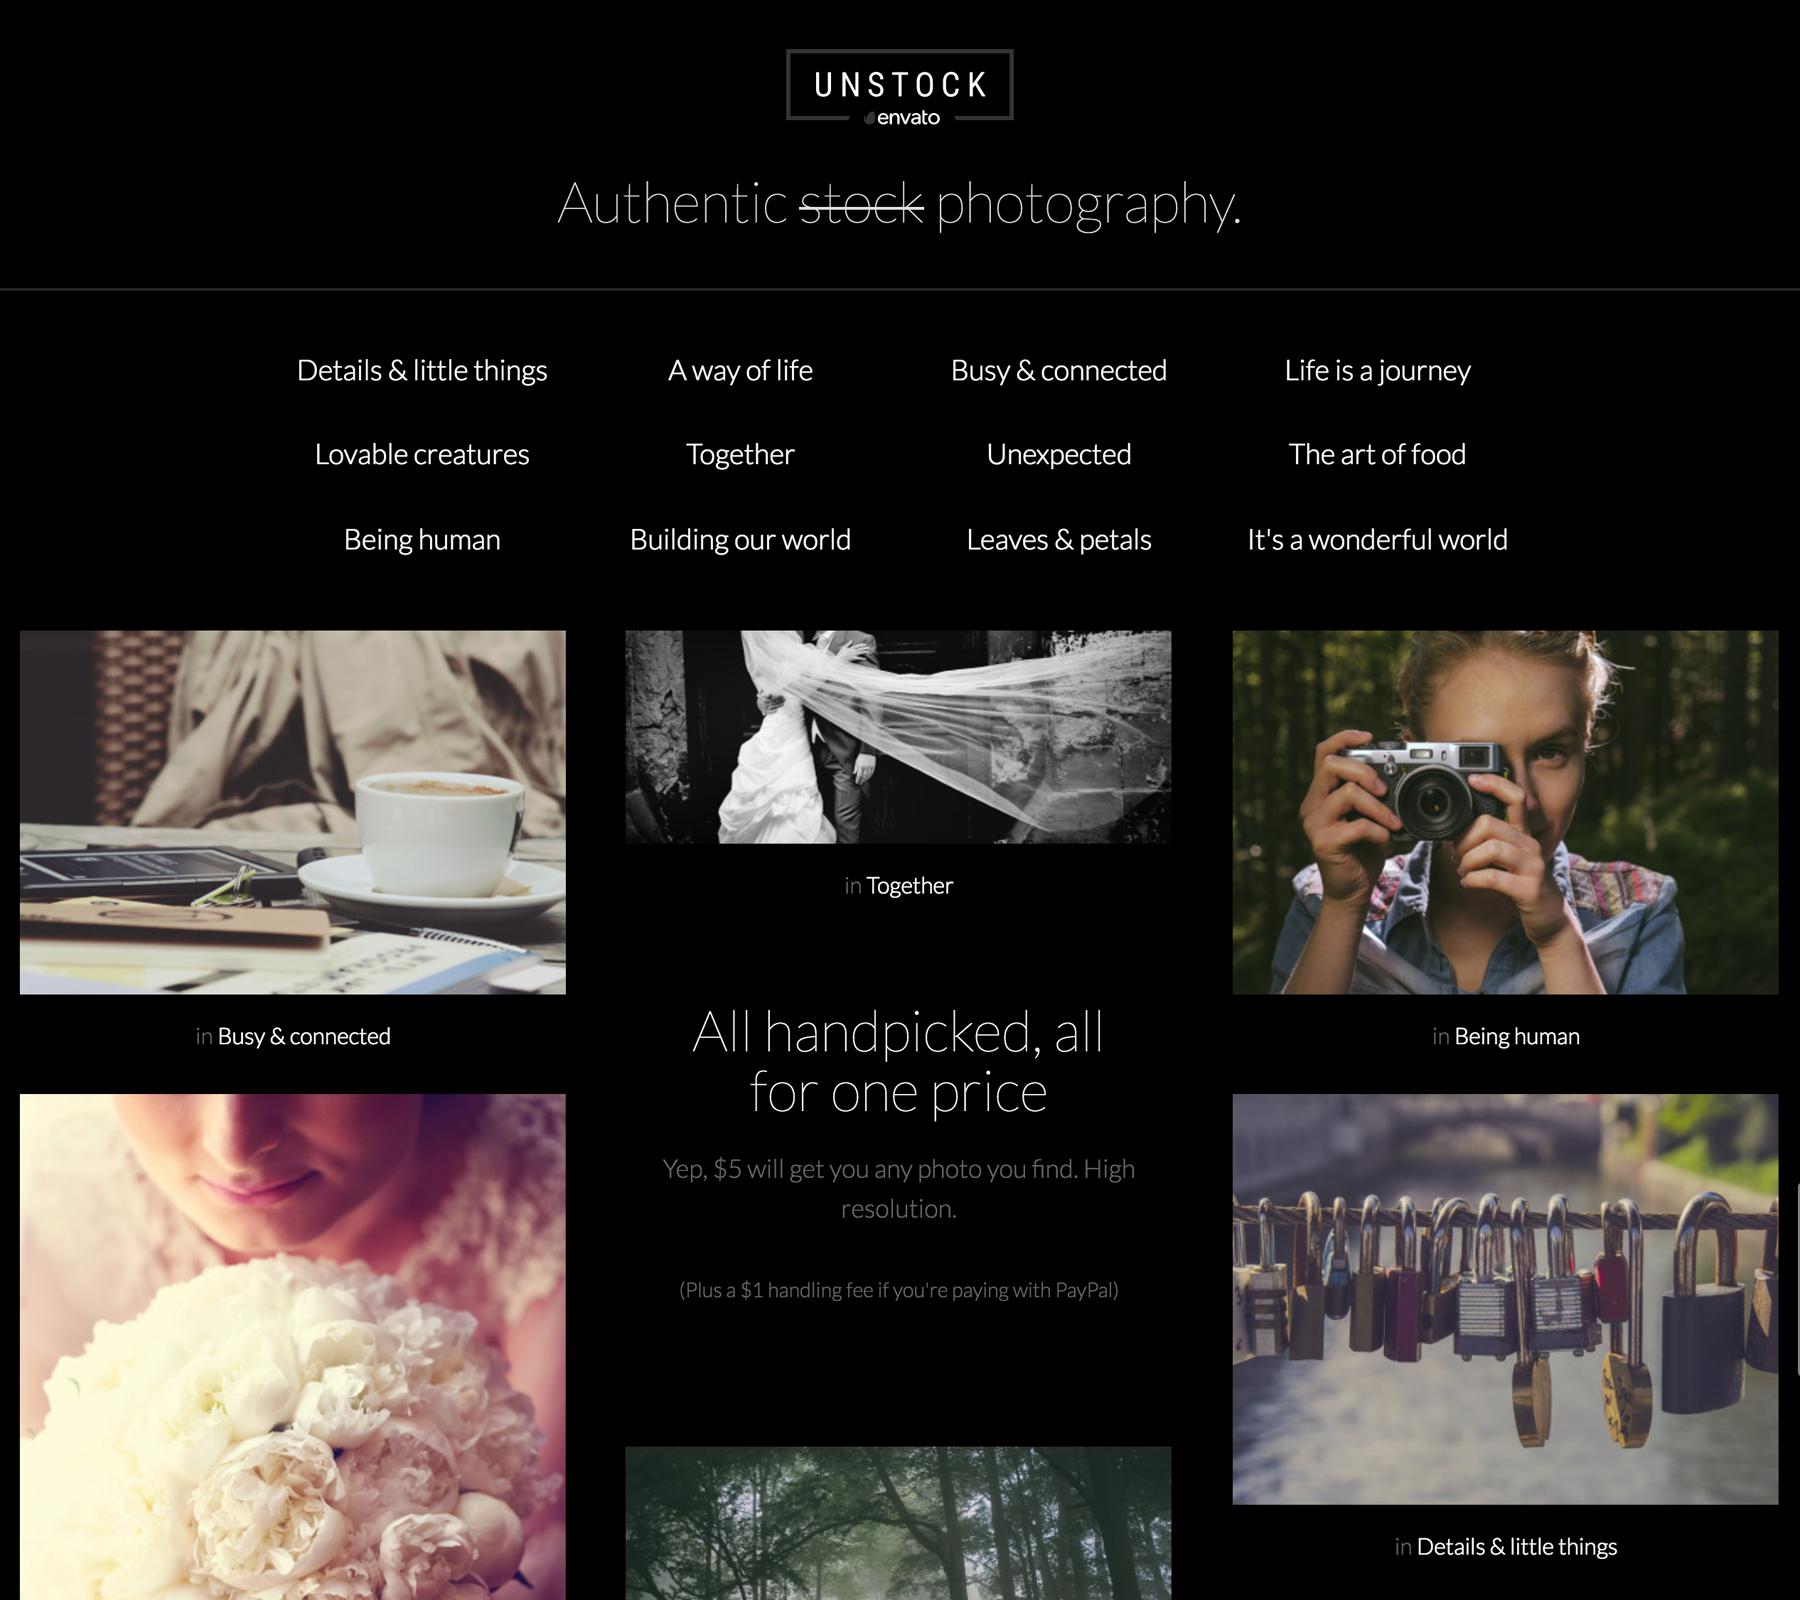 UnStock by Envato